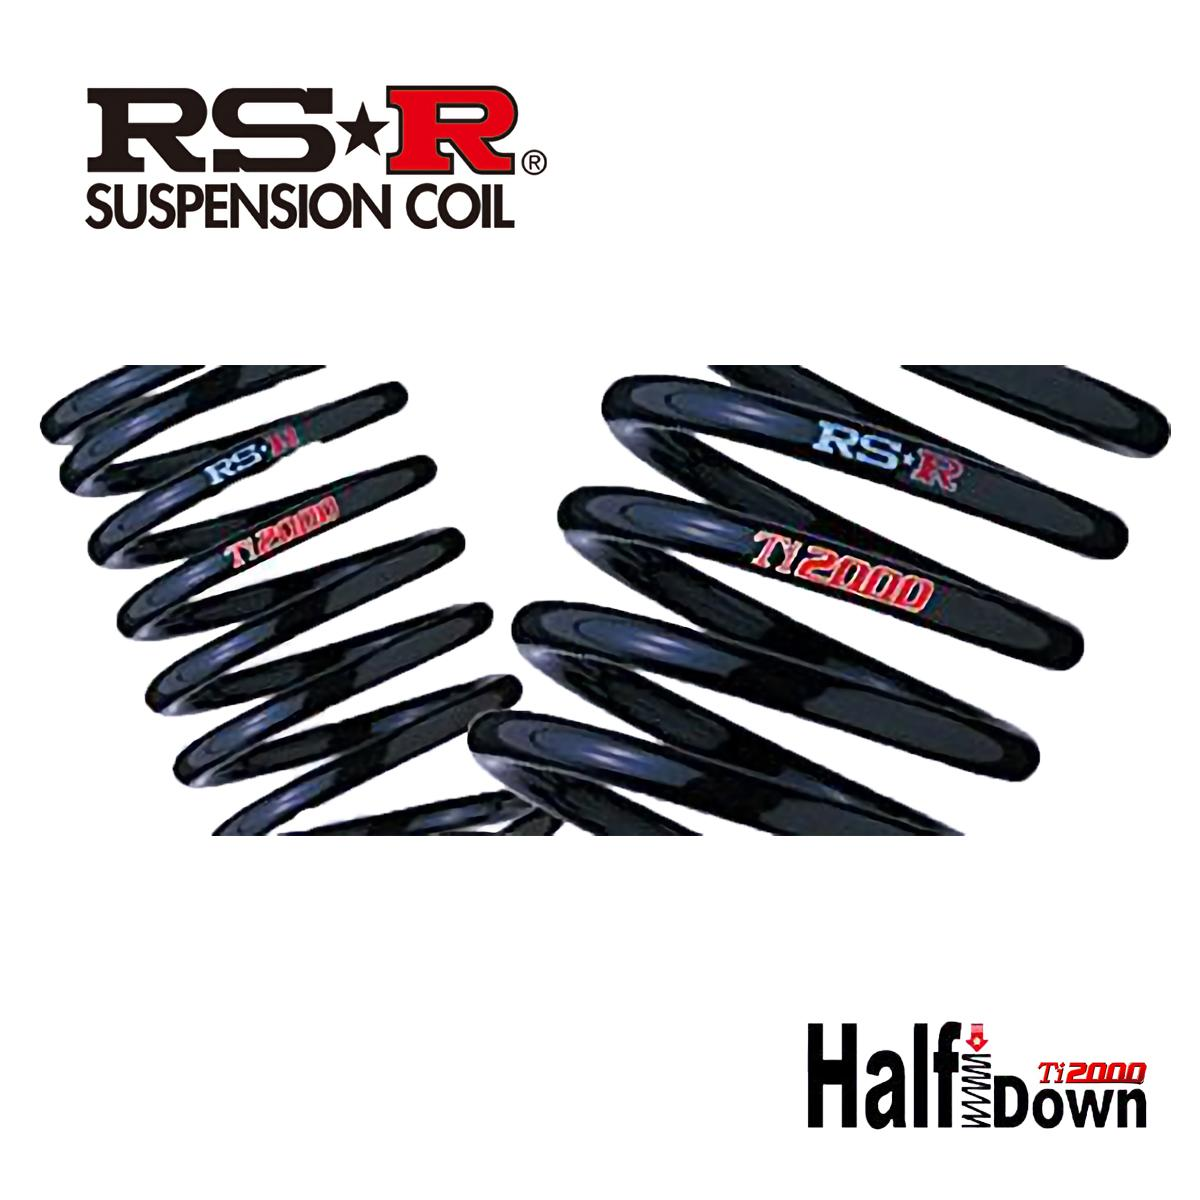 RS-R シフォン カスタムR スマートアシスト LA600F ダウンサス スプリング リア D400THDR Ti2000 ハーフダウン RSR 個人宅発送追金有